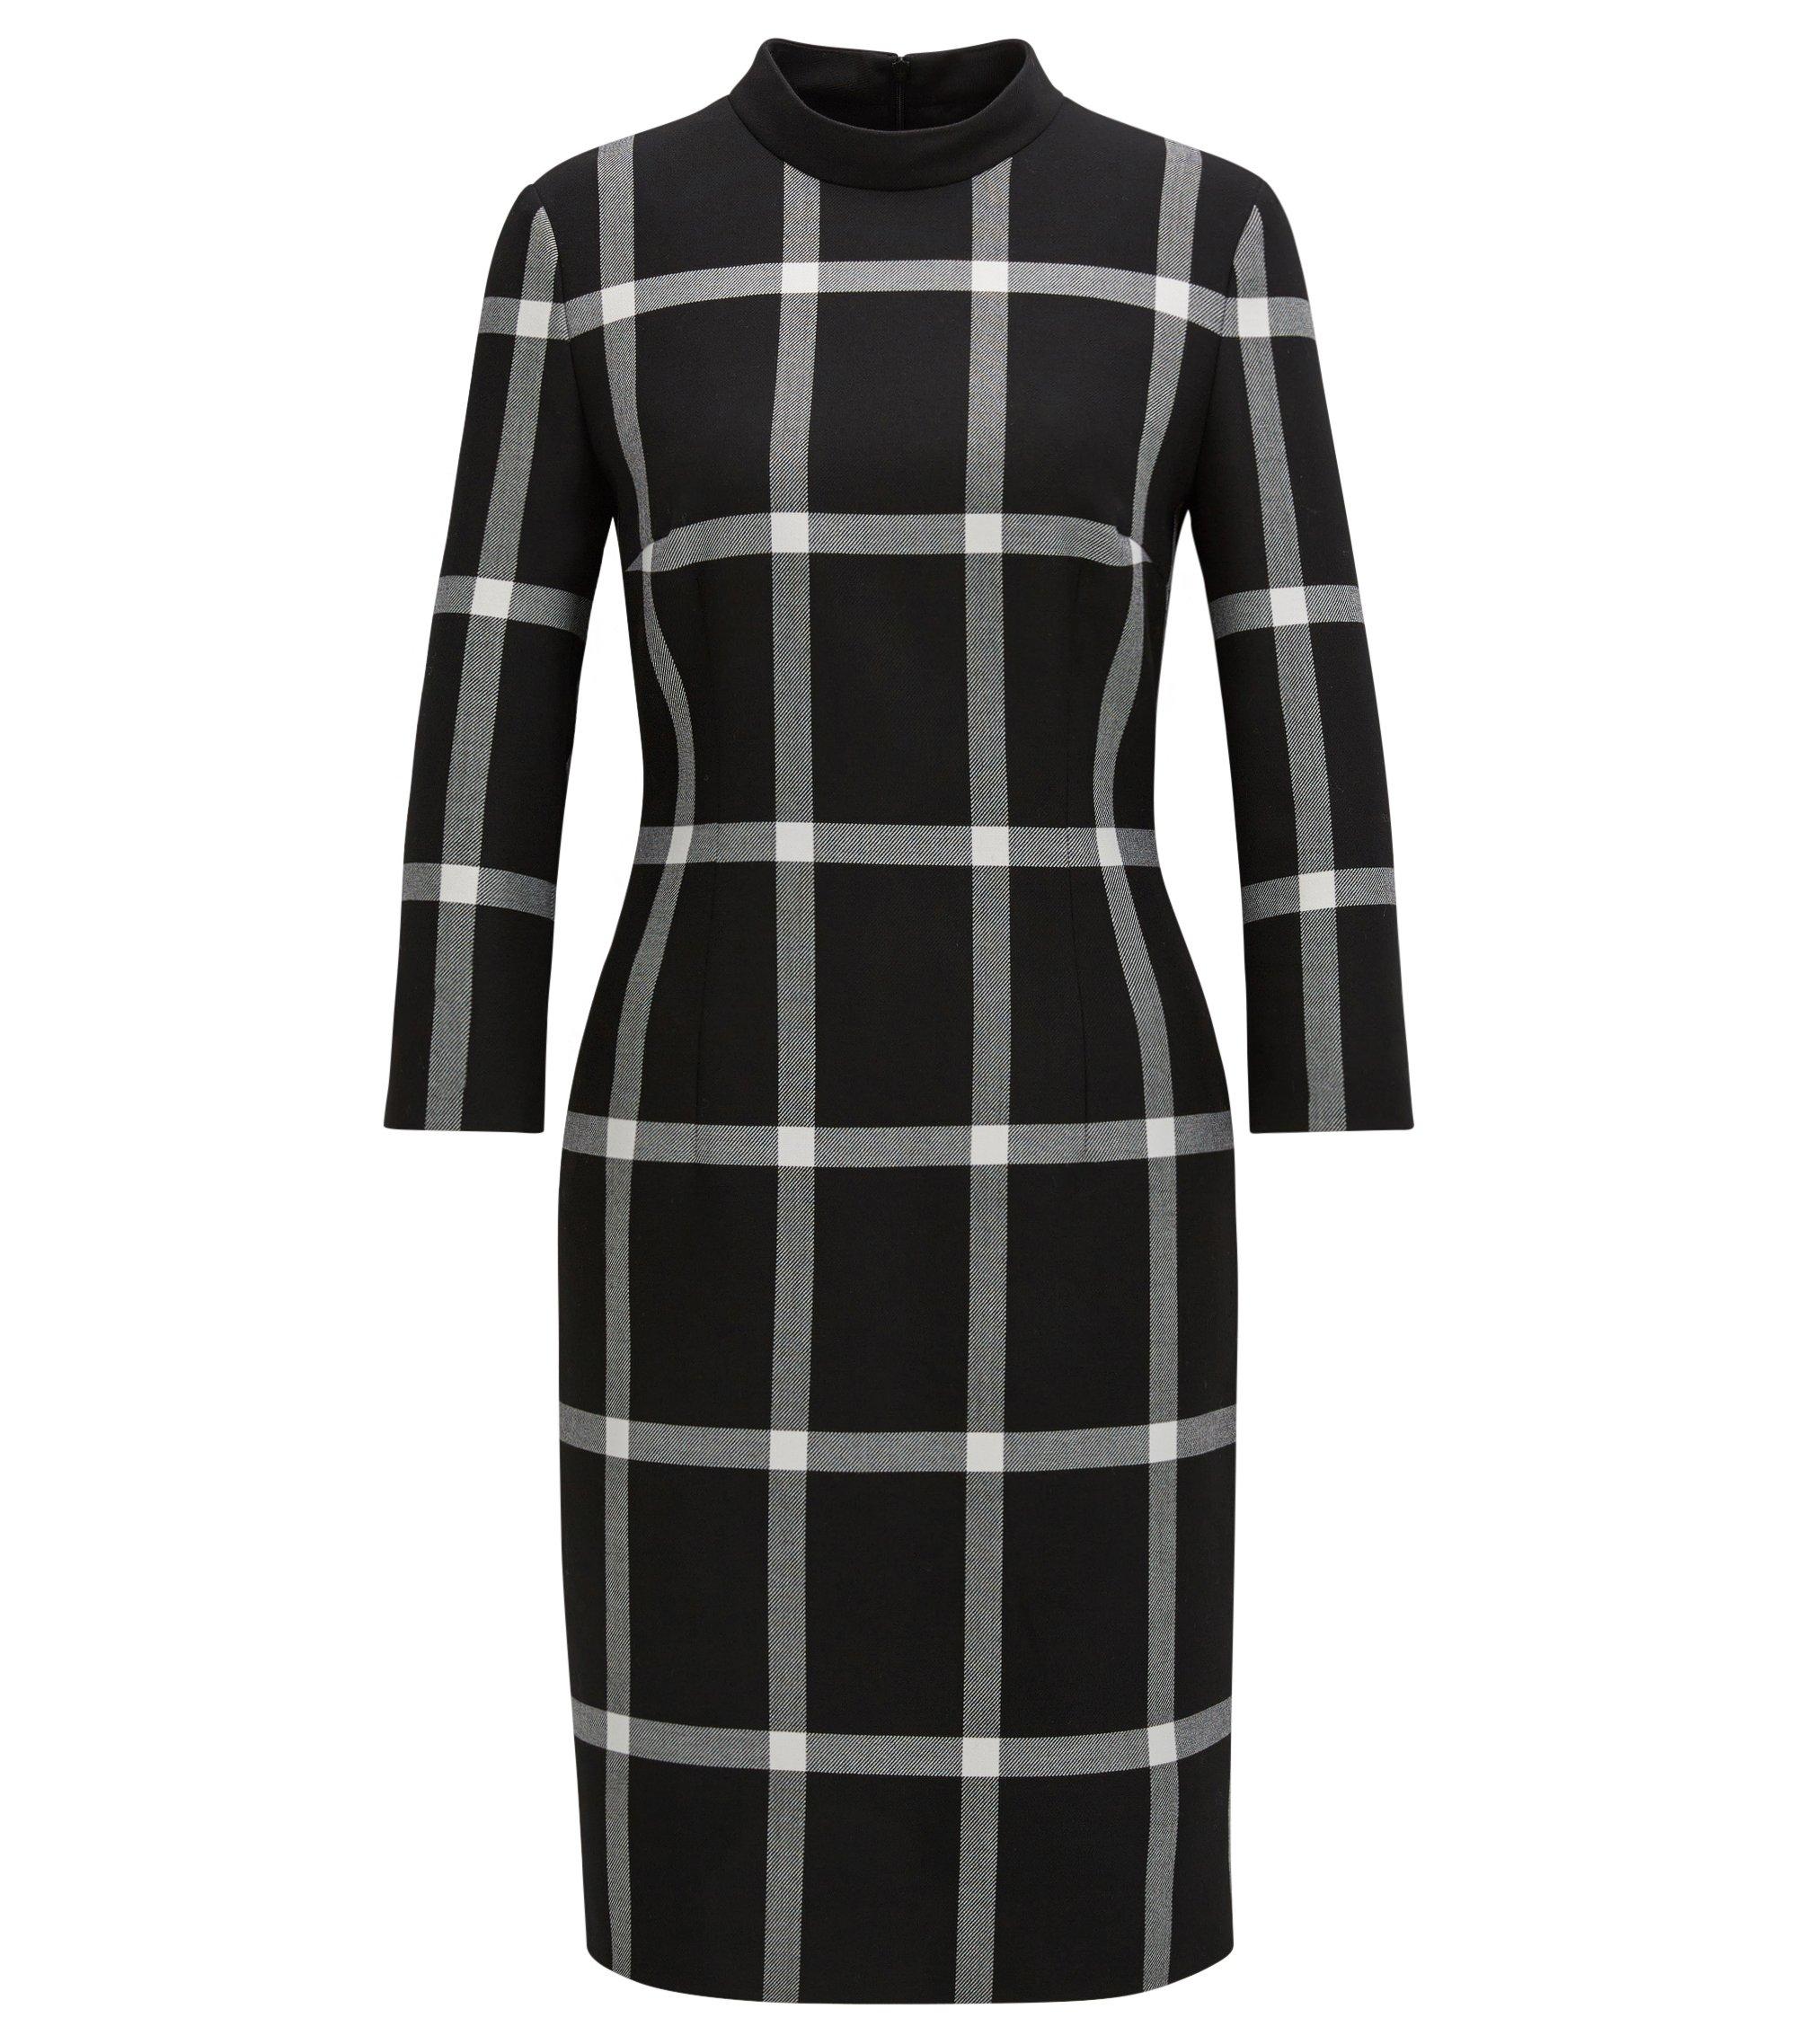 Checked Sheath Dress | Hadena, Patterned